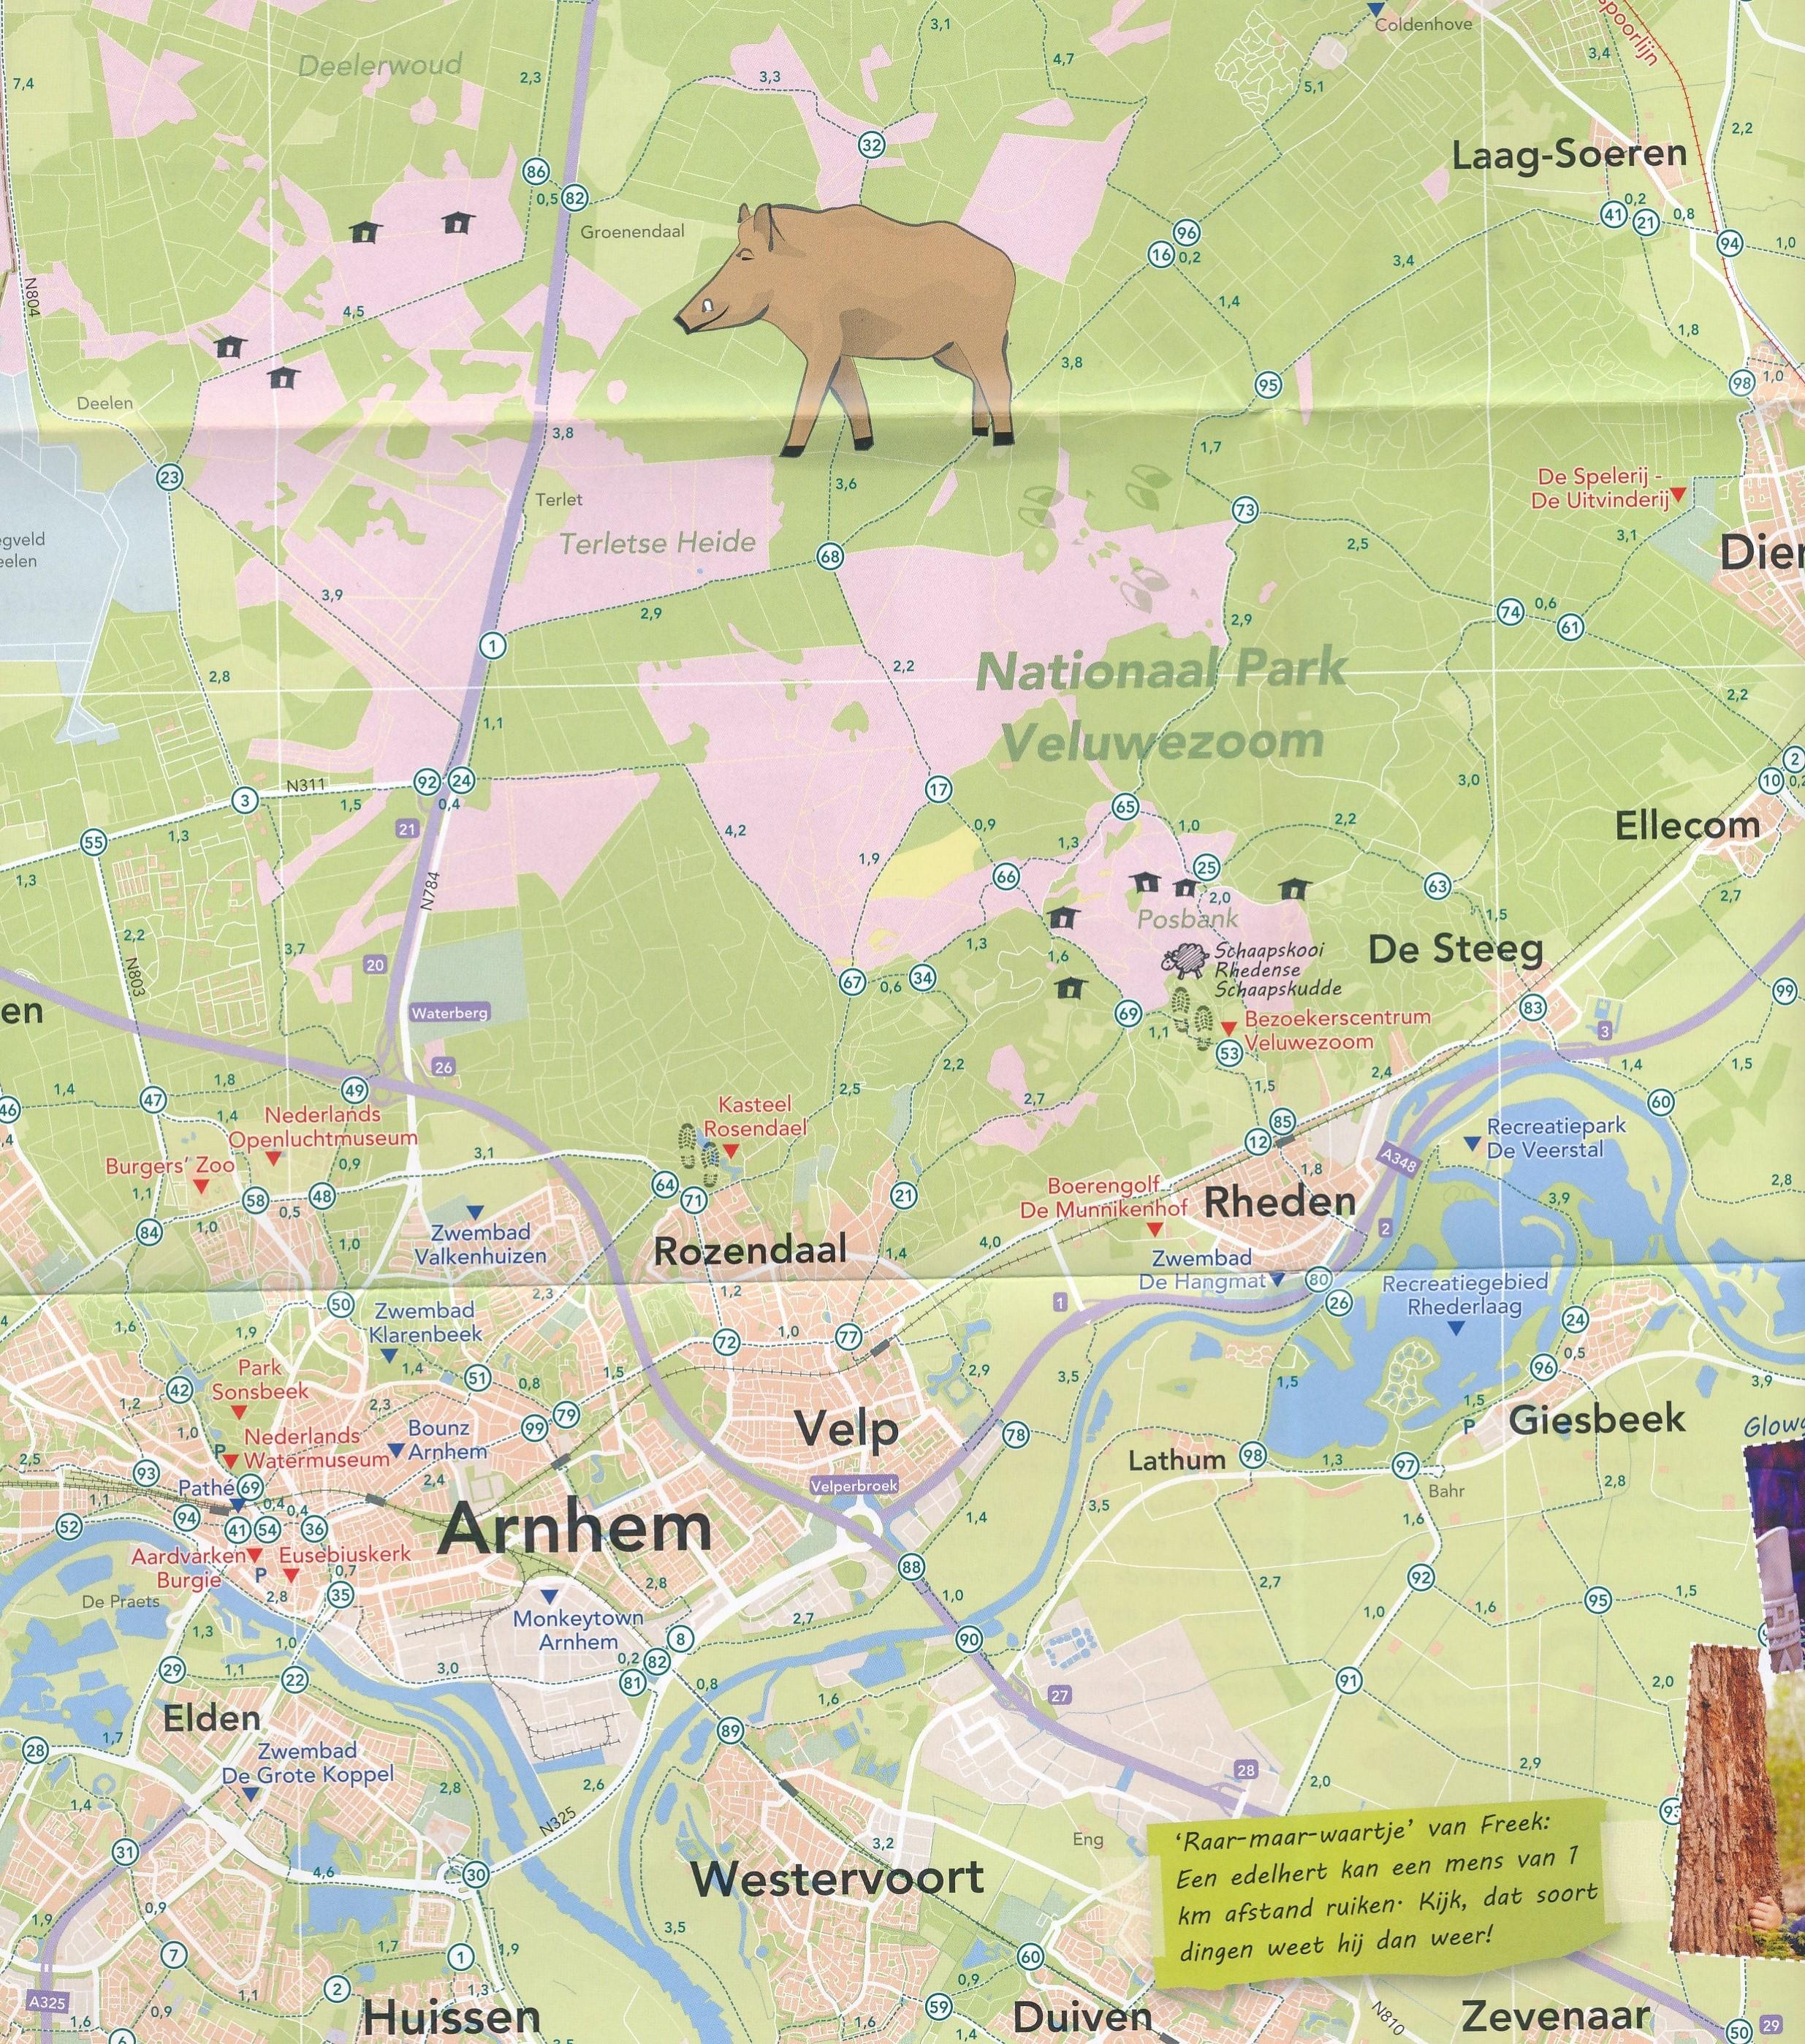 Wegenkaart Landkaart Fietskaart Wandelkaart Vakantiekaart